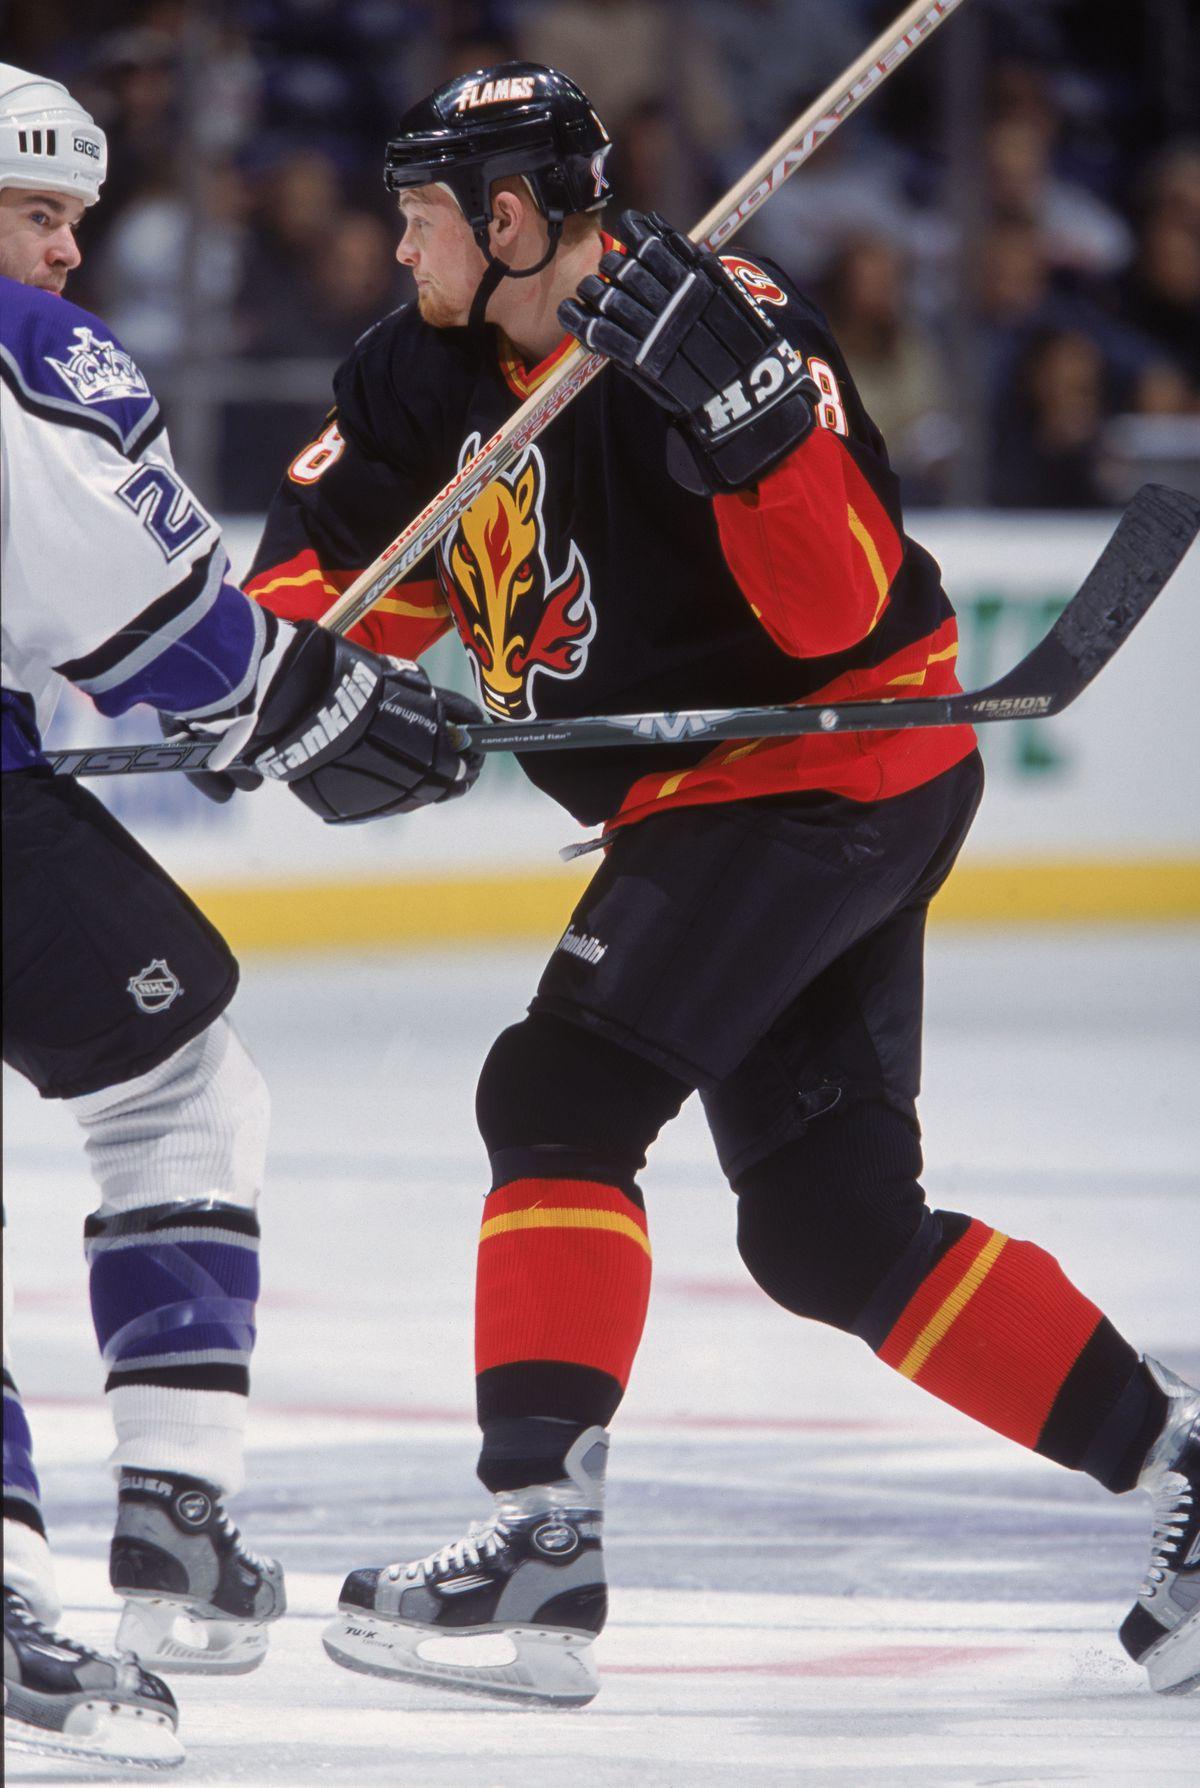 Jeff Cowan #38 skates on the ice